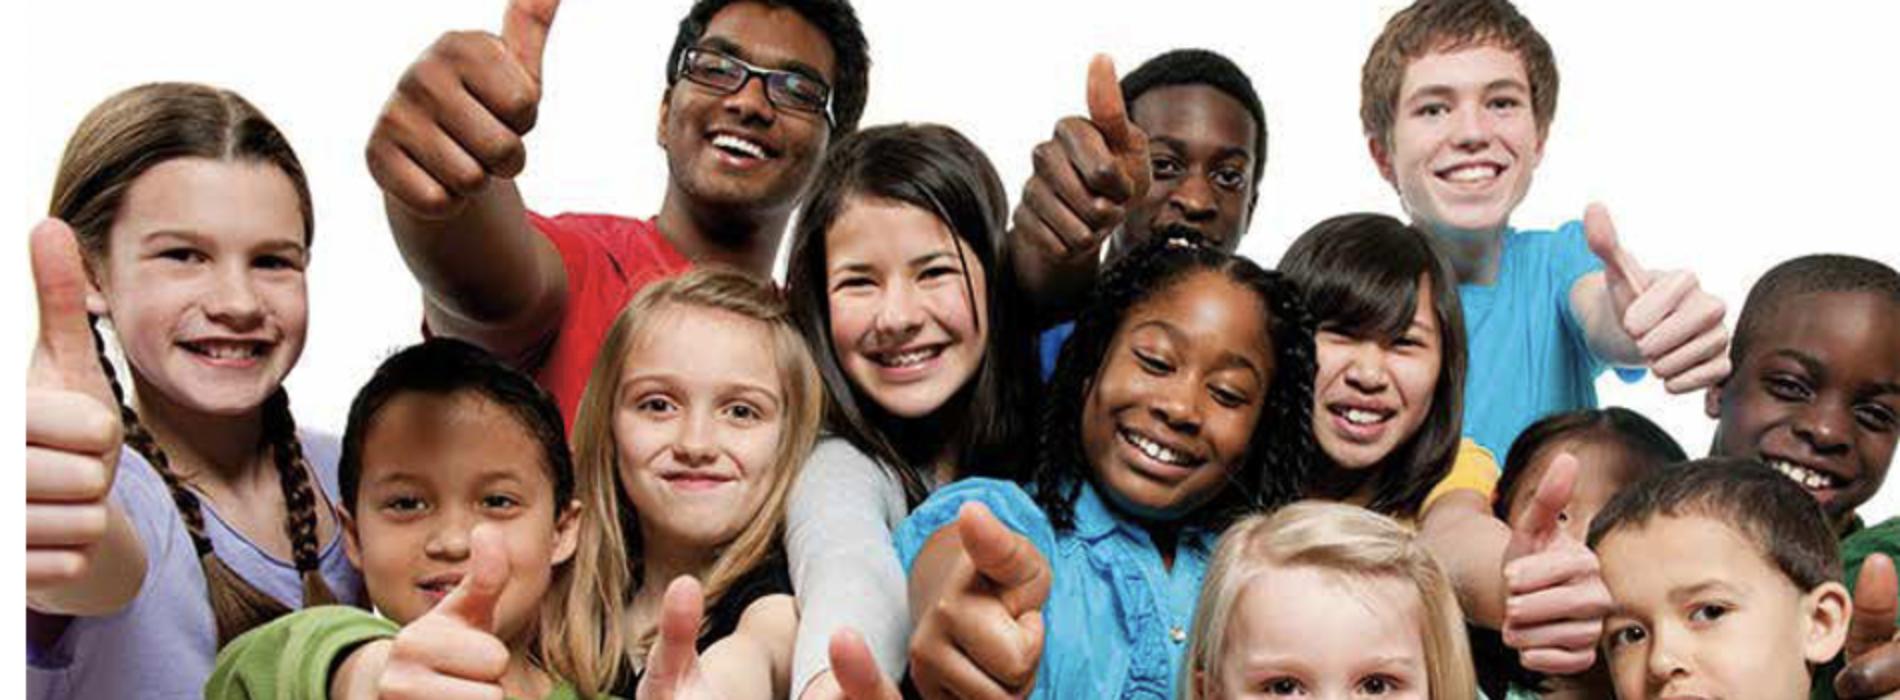 Progetto Rilassiamoci, la Campania per i diritti dei bambini